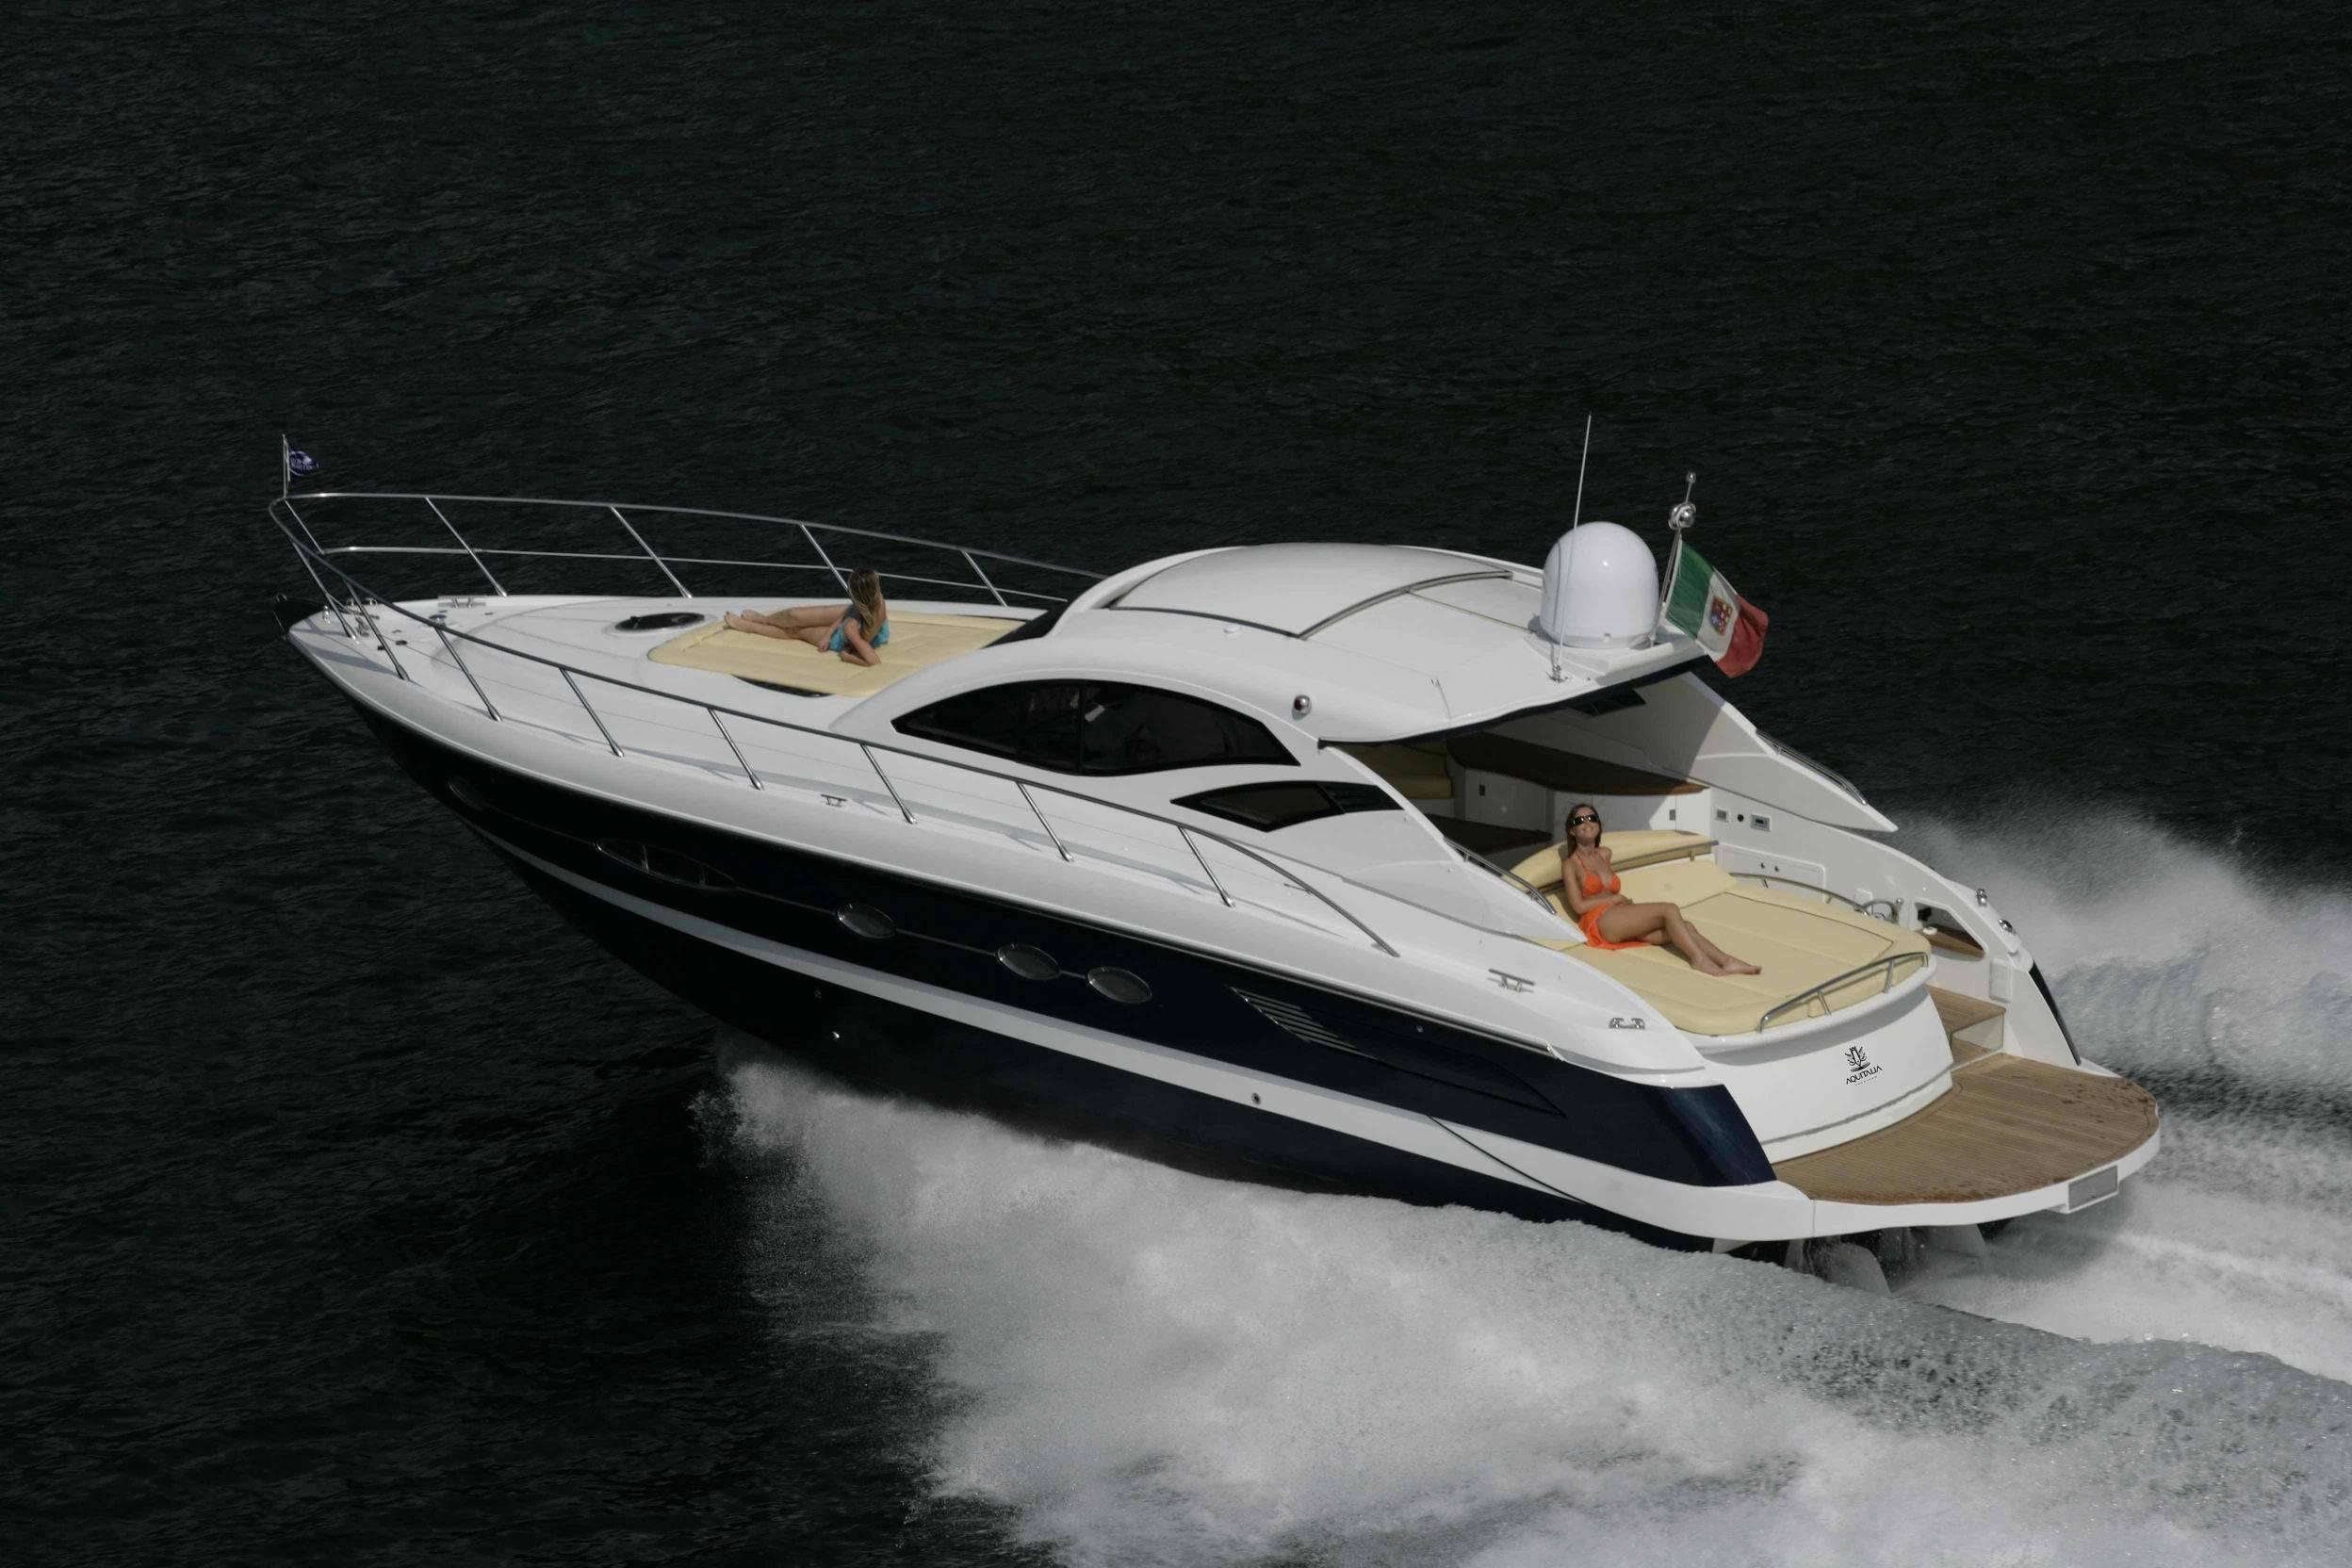 Seastella 46′ Luxury High Speed Boat